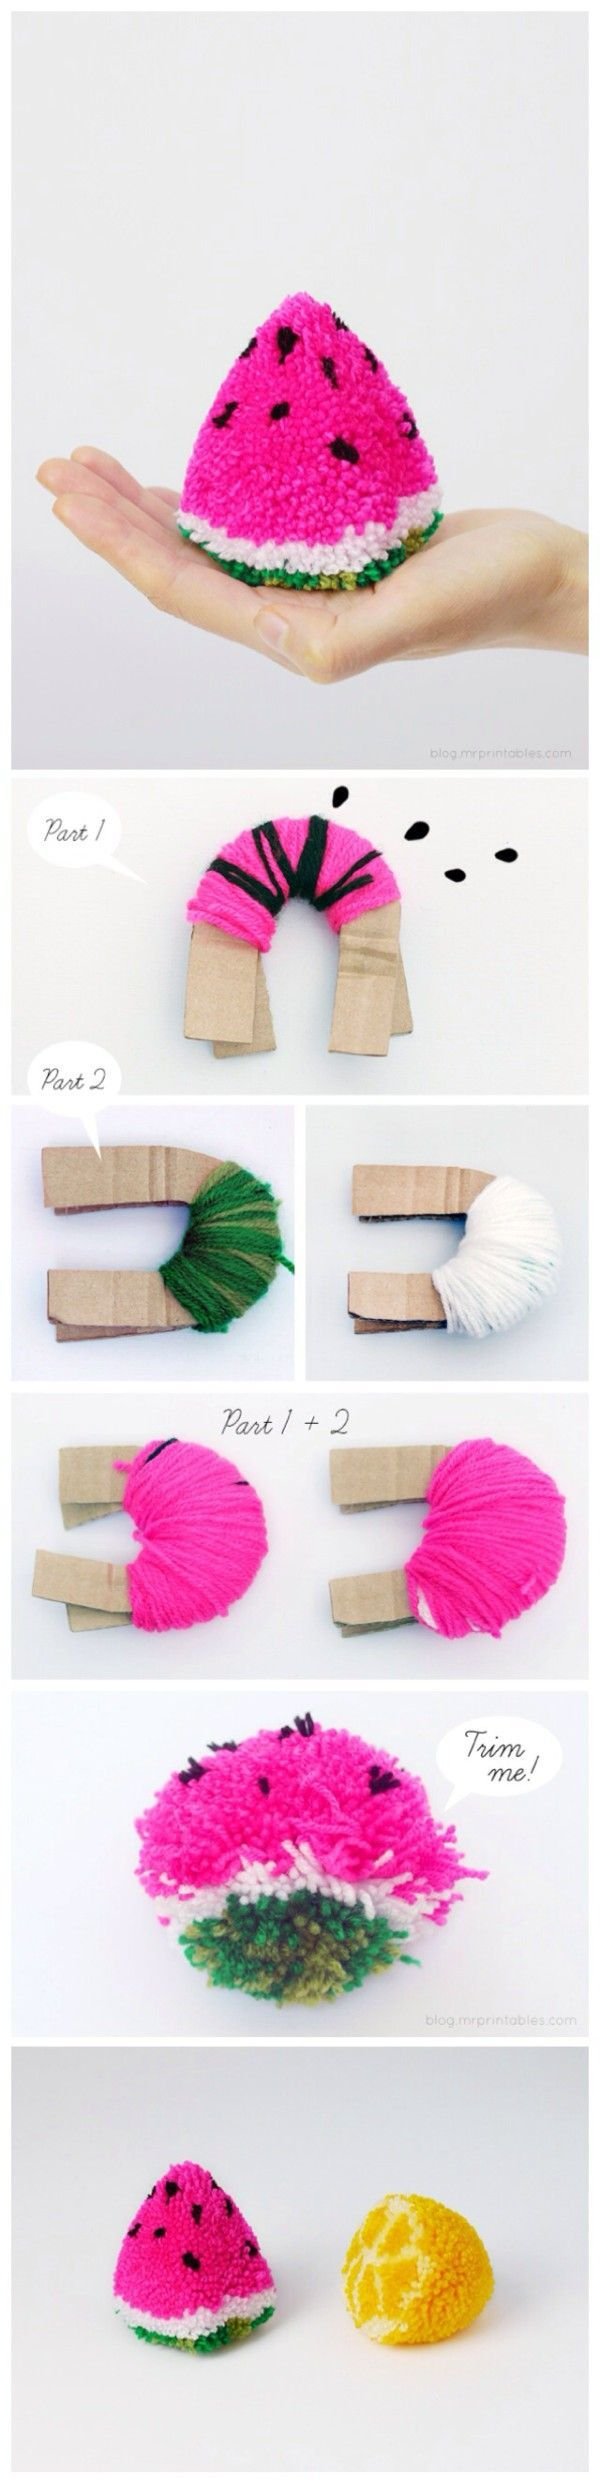 pompones- guirnaldas de sandias para una fiesta de verano!